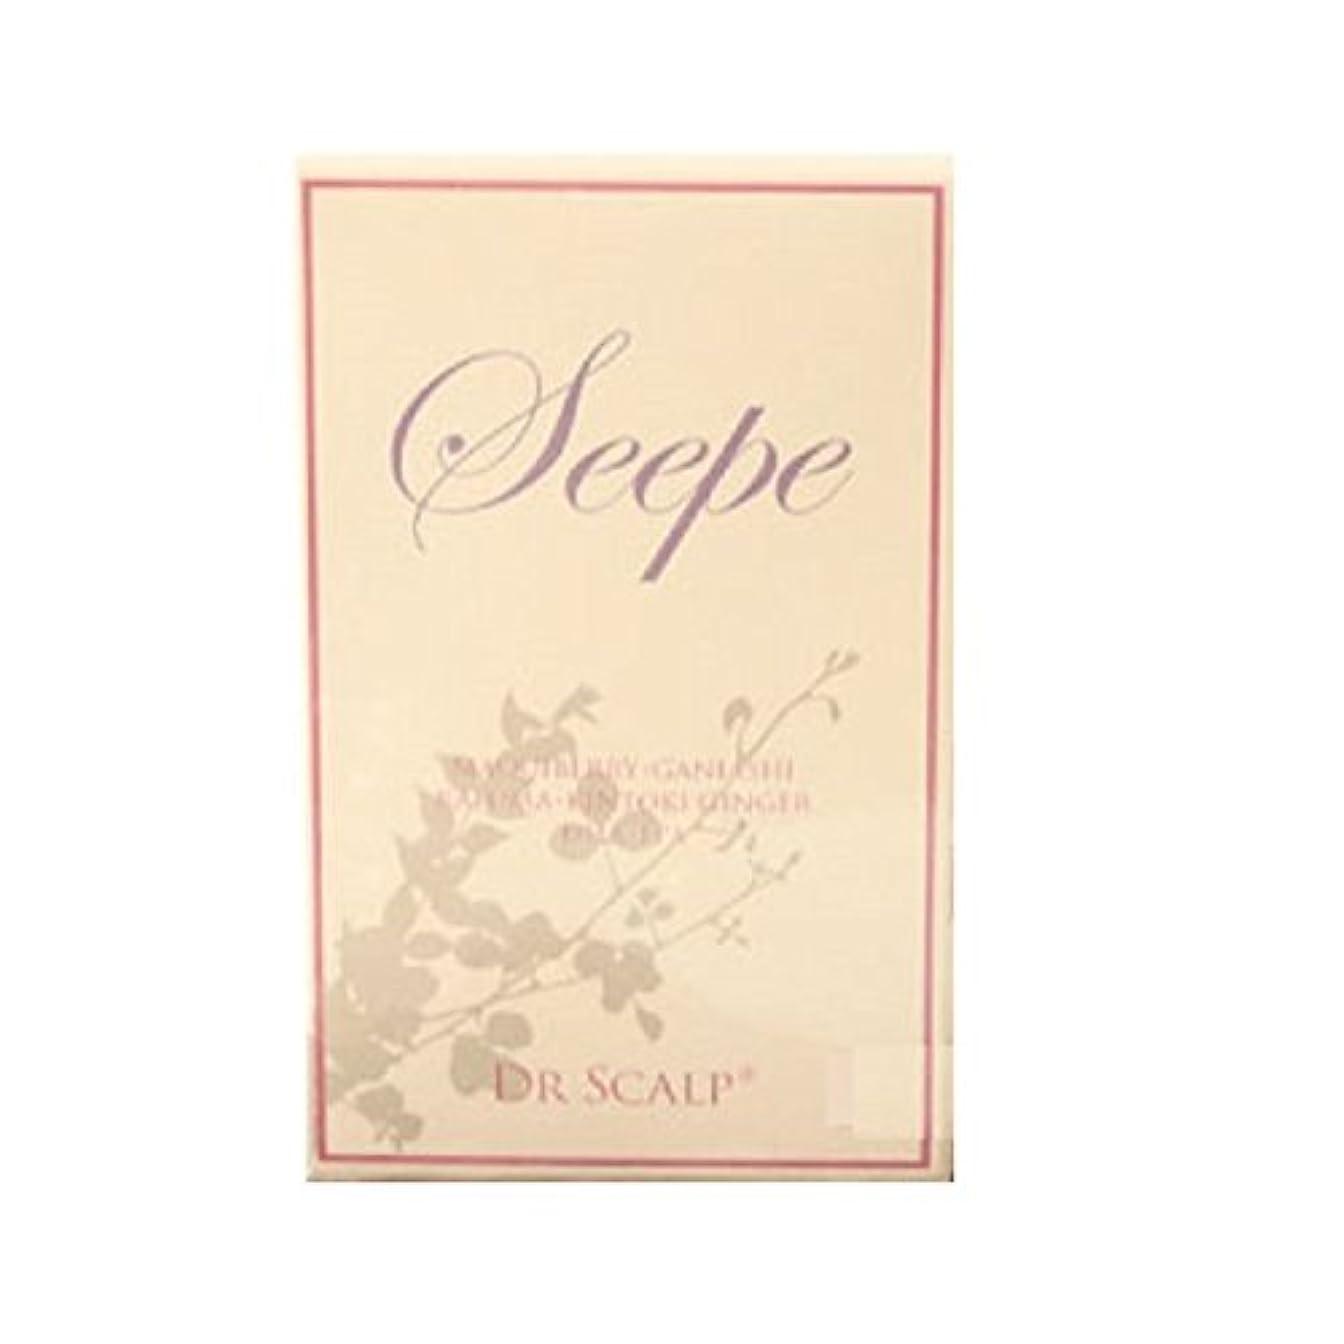 選択するポテトチチカカ湖ドクタースカルプ DR.SCALP(ドクタースカルプ)SEEPE(シープ) (サプリメント)※プロジェクトサプリメントのリニューアル商品です《60粒》